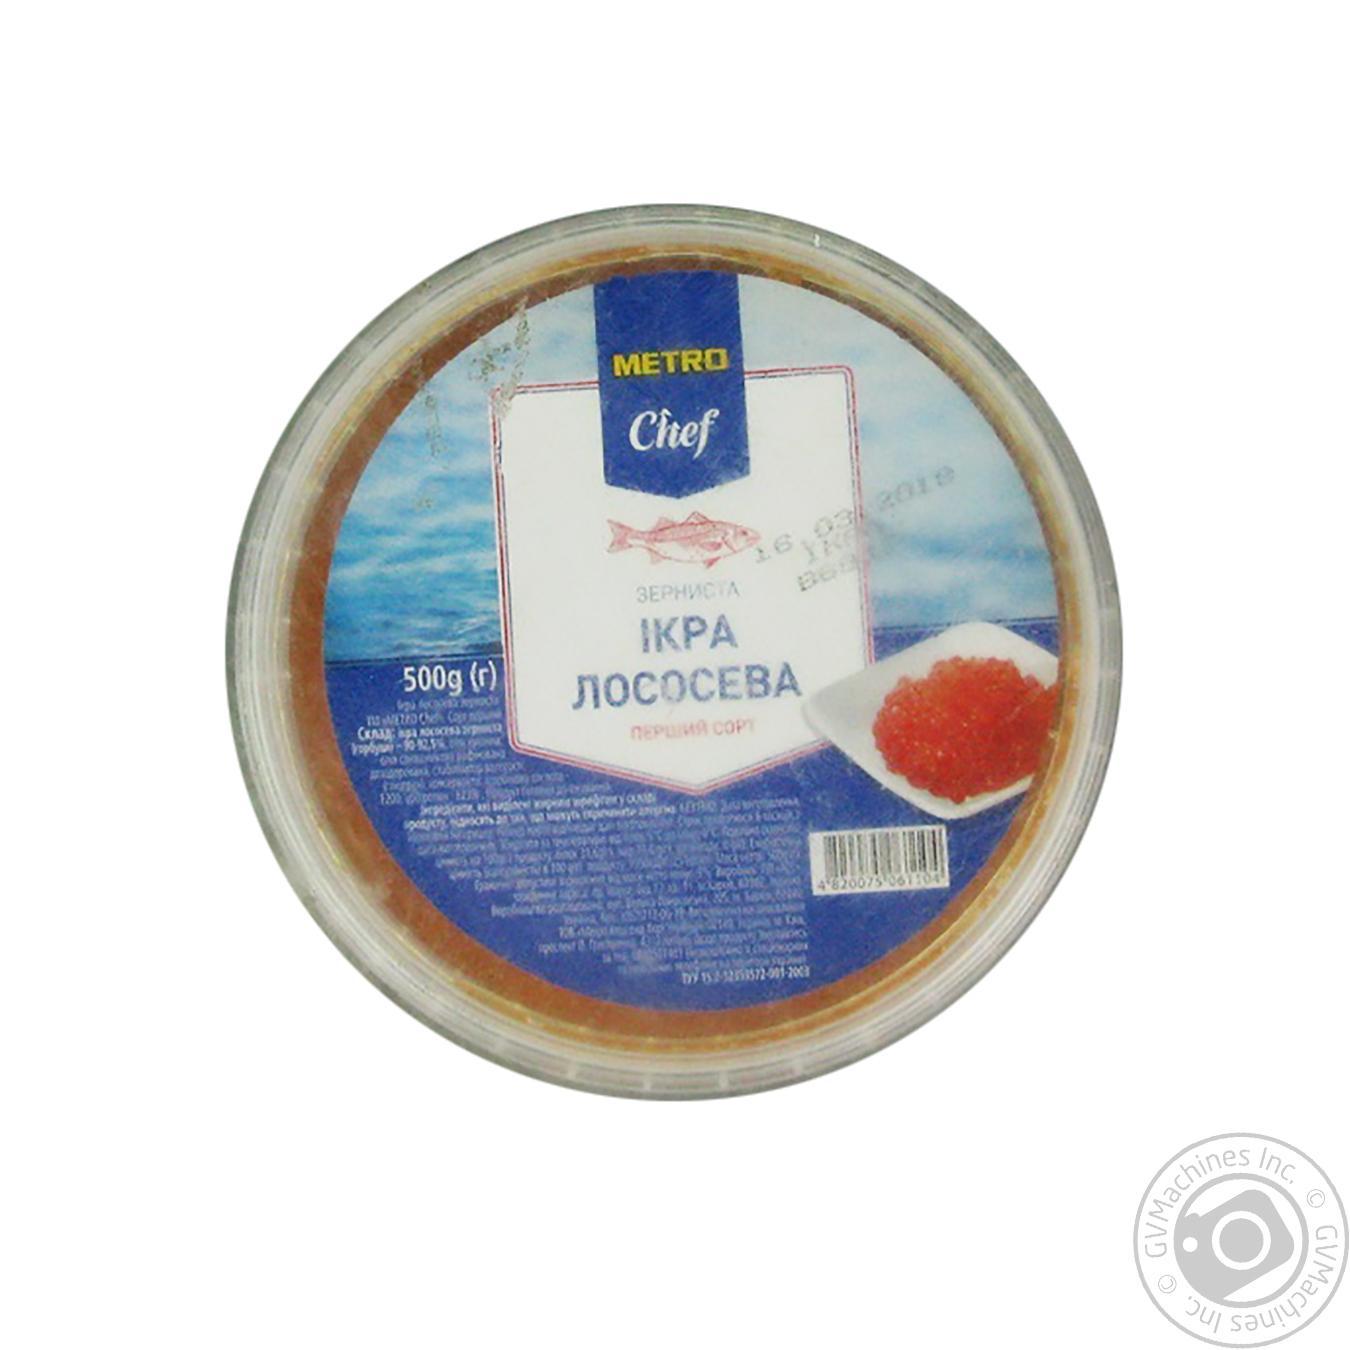 Купить Икра лососевая METRO Chef зернистая 500г